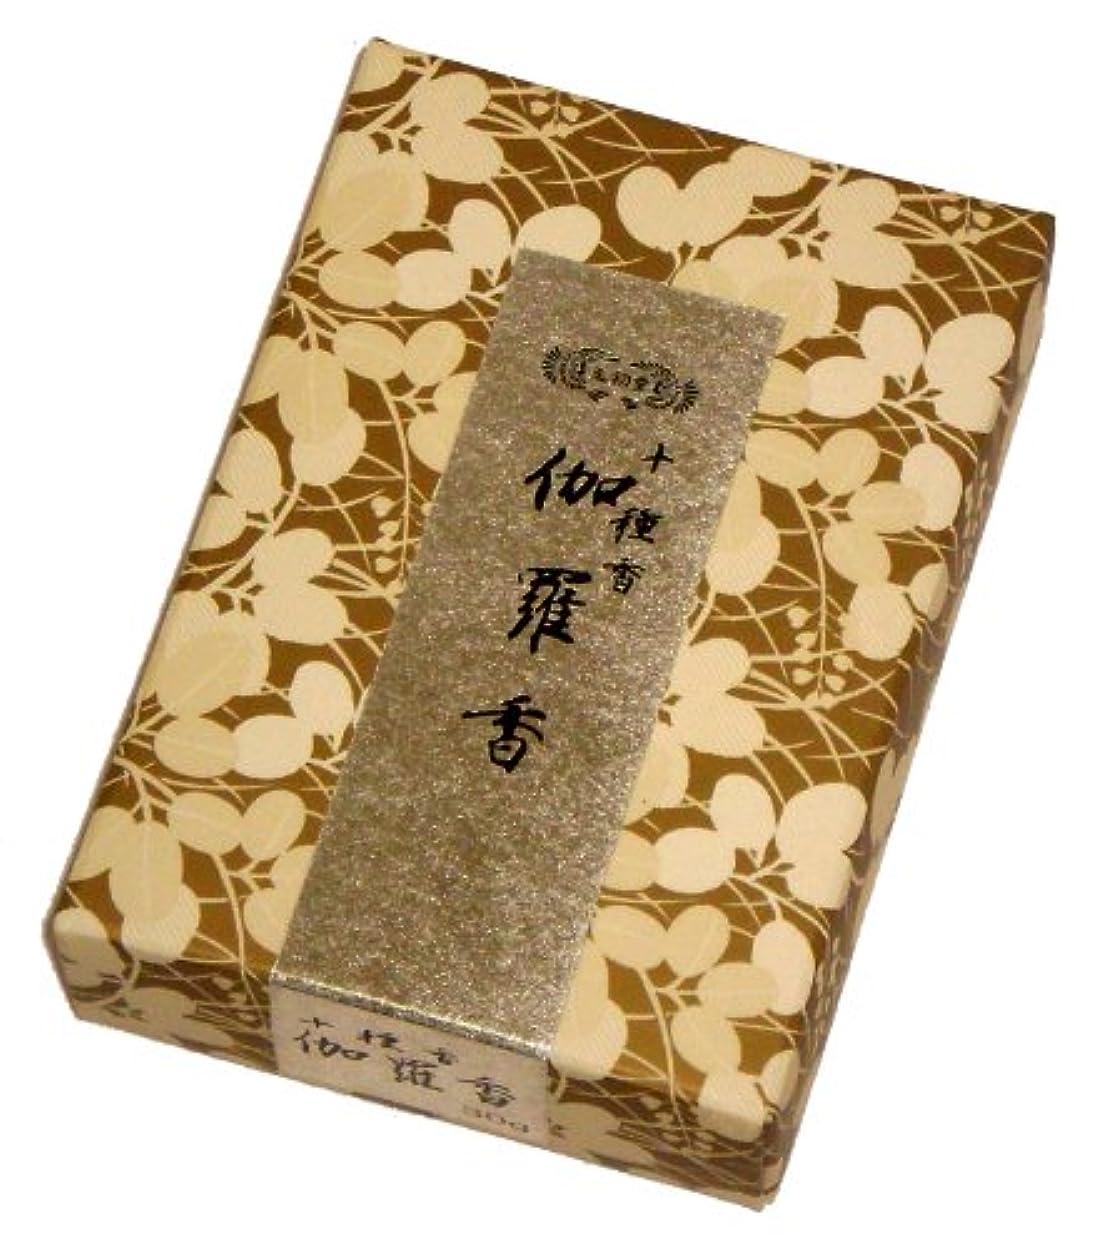 ダメージチューブ裏切り玉初堂のお香 伽羅香 30g #535